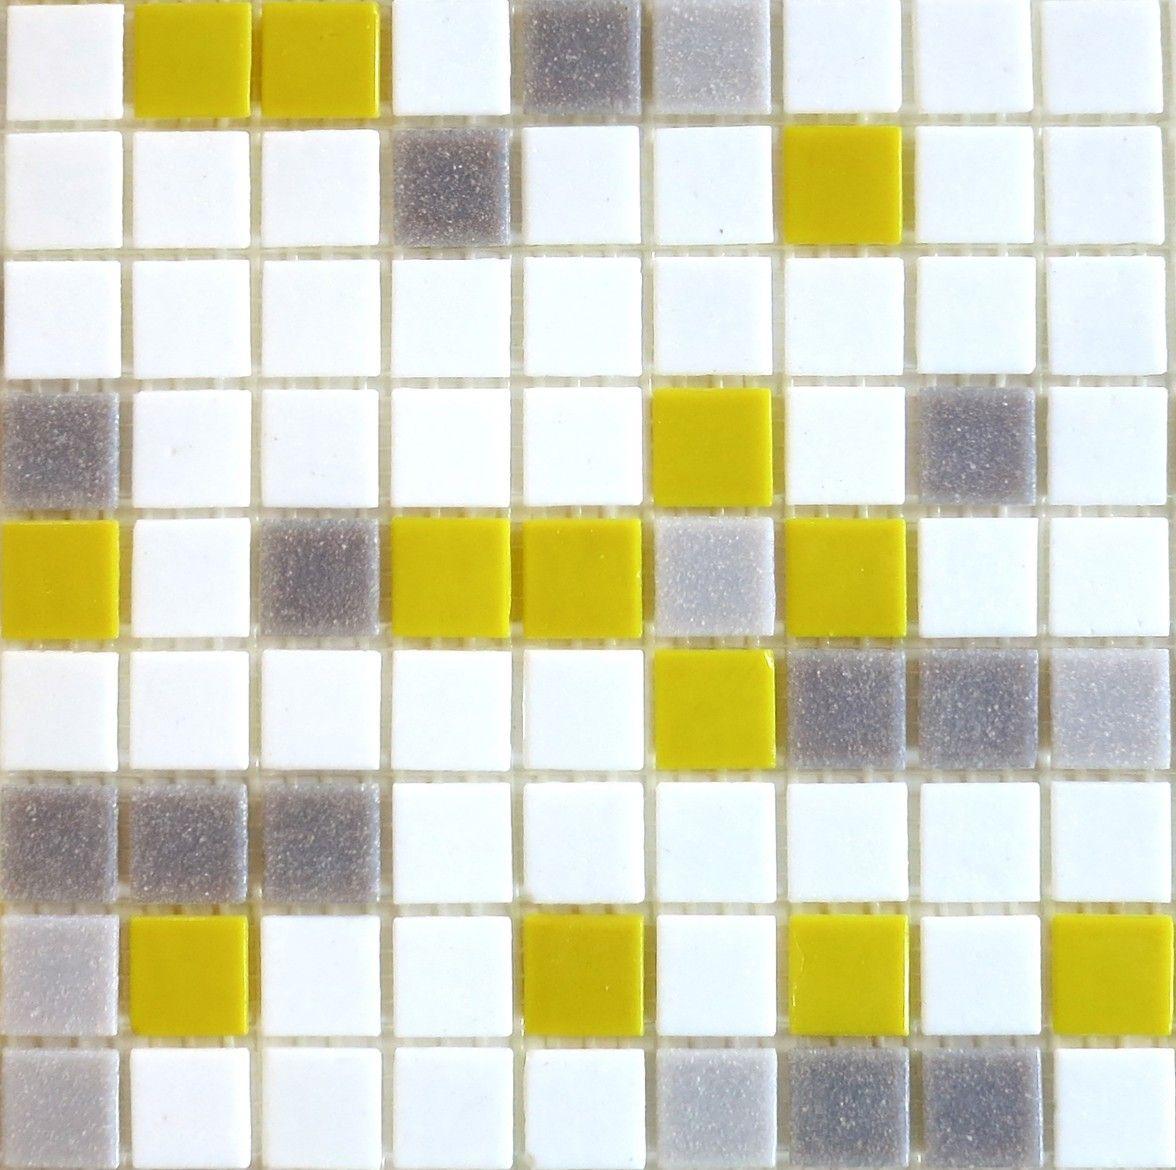 Brio blend city sunshine yellow white gray glass mosaic tile brio blend city sunshine yellow white gray glass mosaic tile dailygadgetfo Images